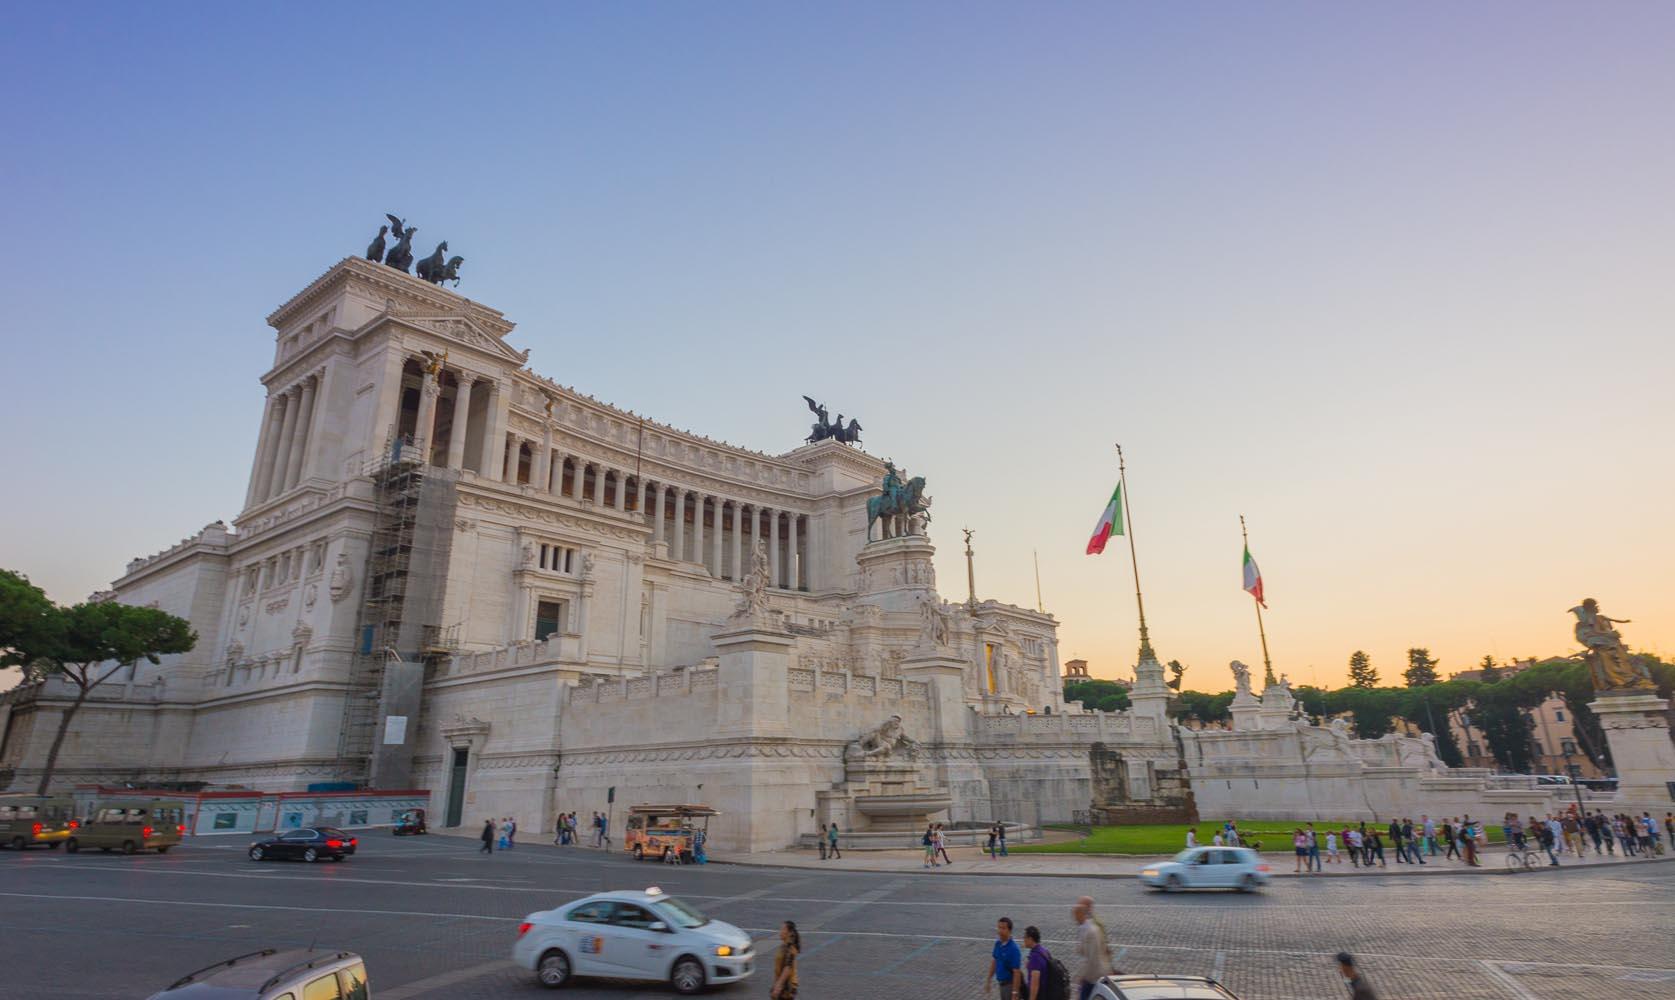 L'Altara alla Patria, Rome